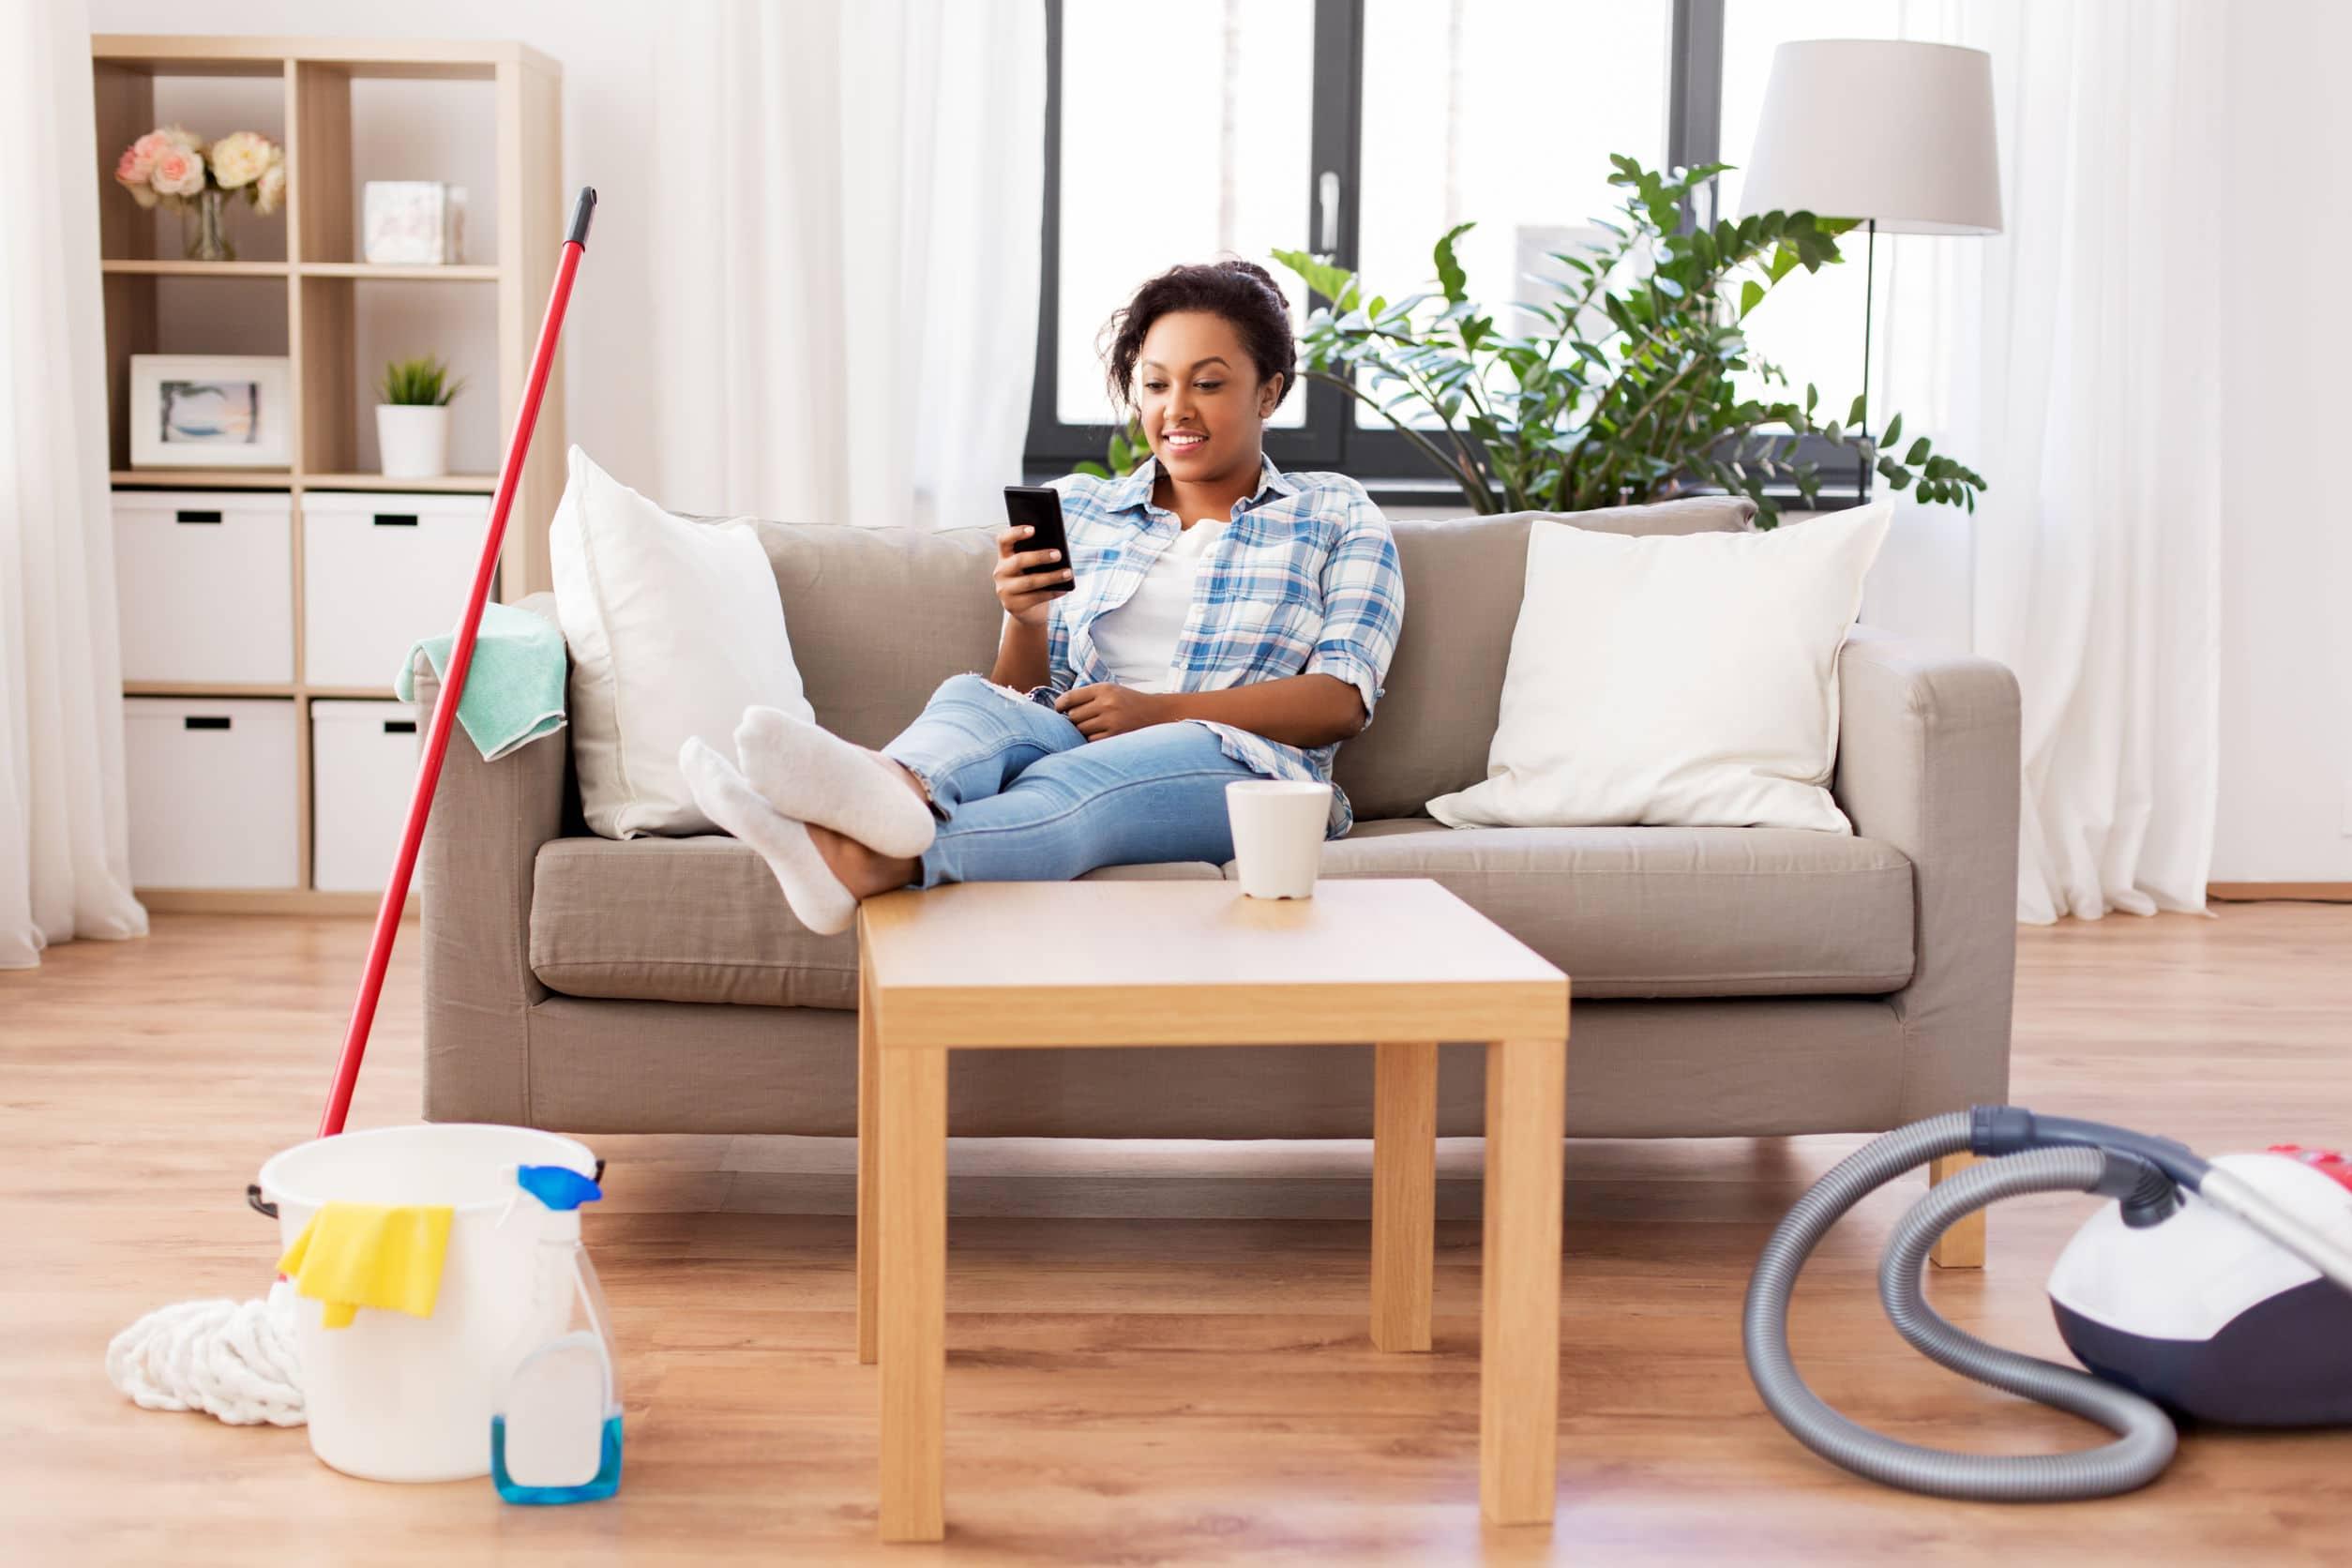 Mulher sentada no sofá olhando o celular.